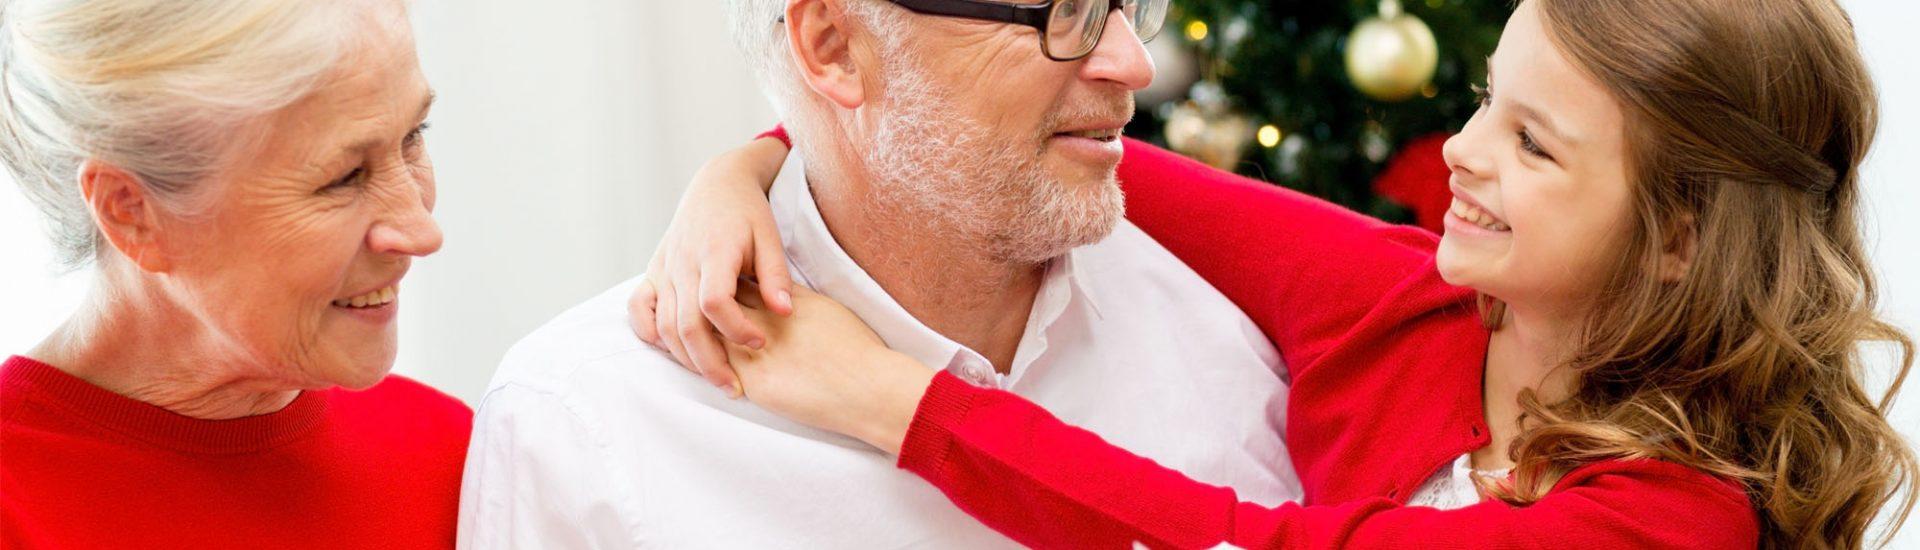 Weihnachtsgeschenke für Opa - Top 10 Inspirationen